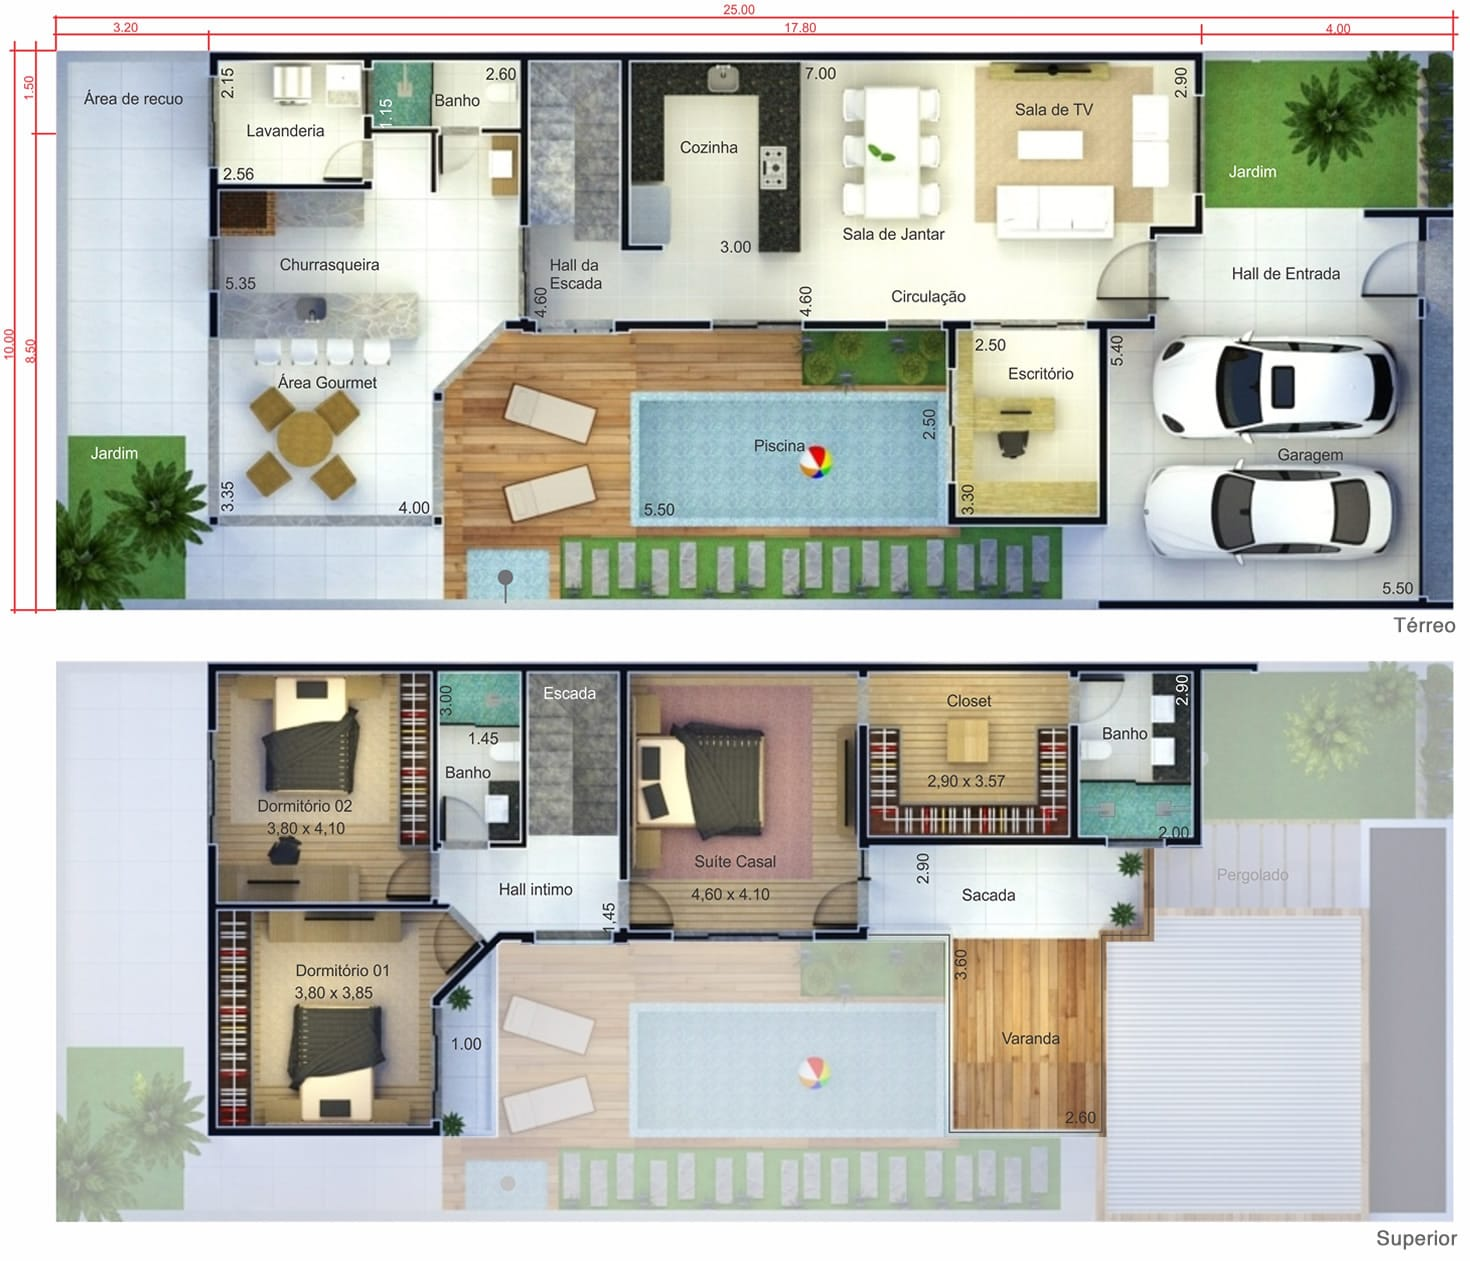 Projeto de sobrado com terraço. Planta para terreno 10x25